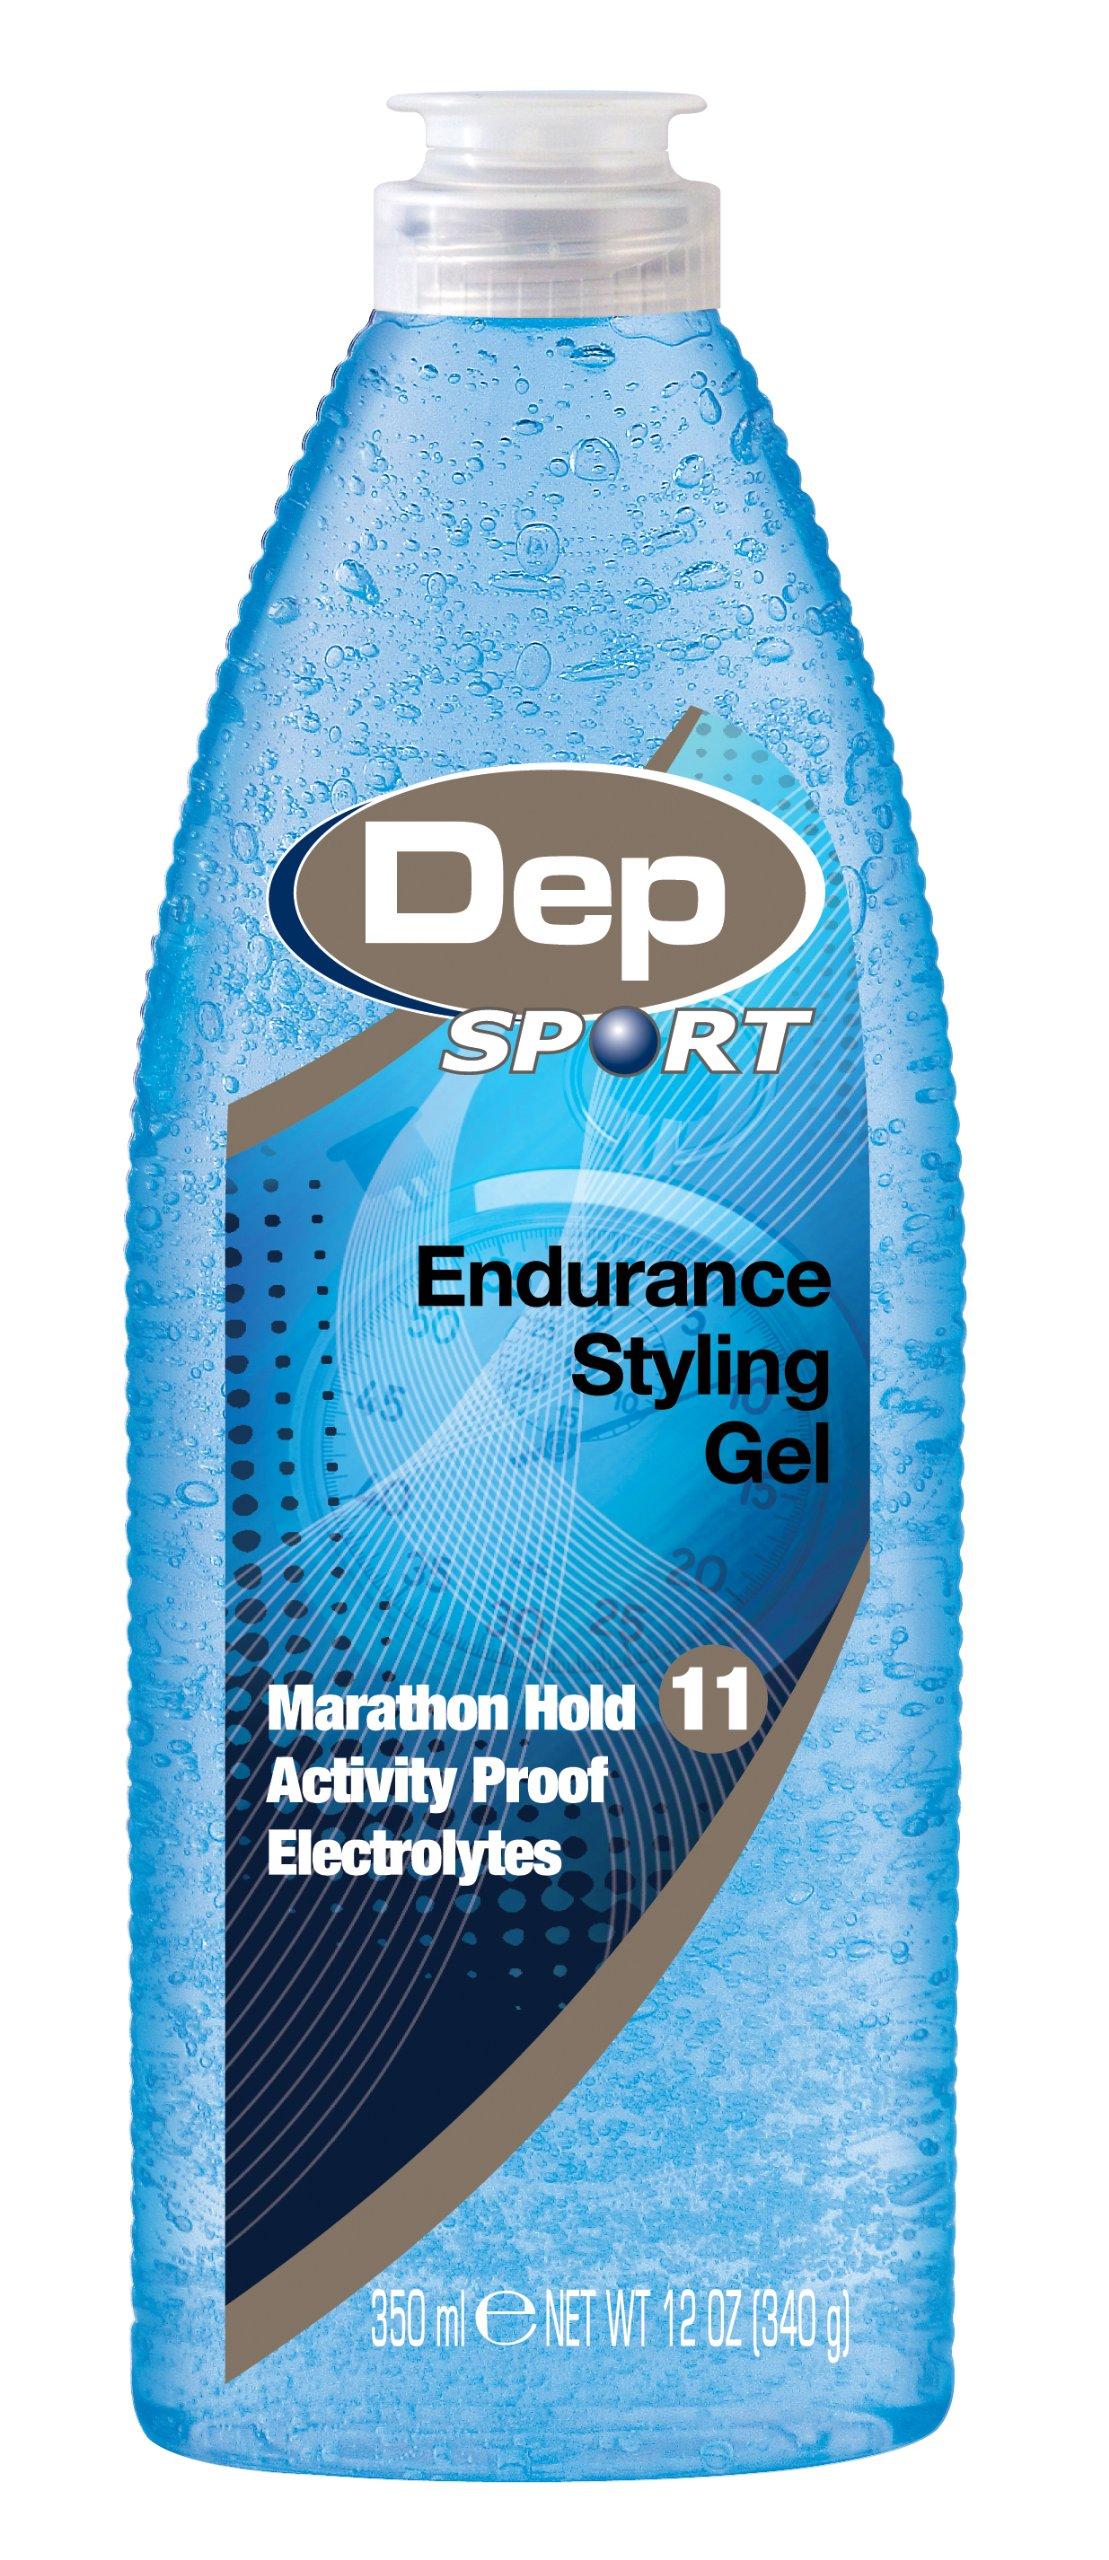 Dep Sport Endurance Styling Gel, 12-Oz. (Pack of 3) by Dep